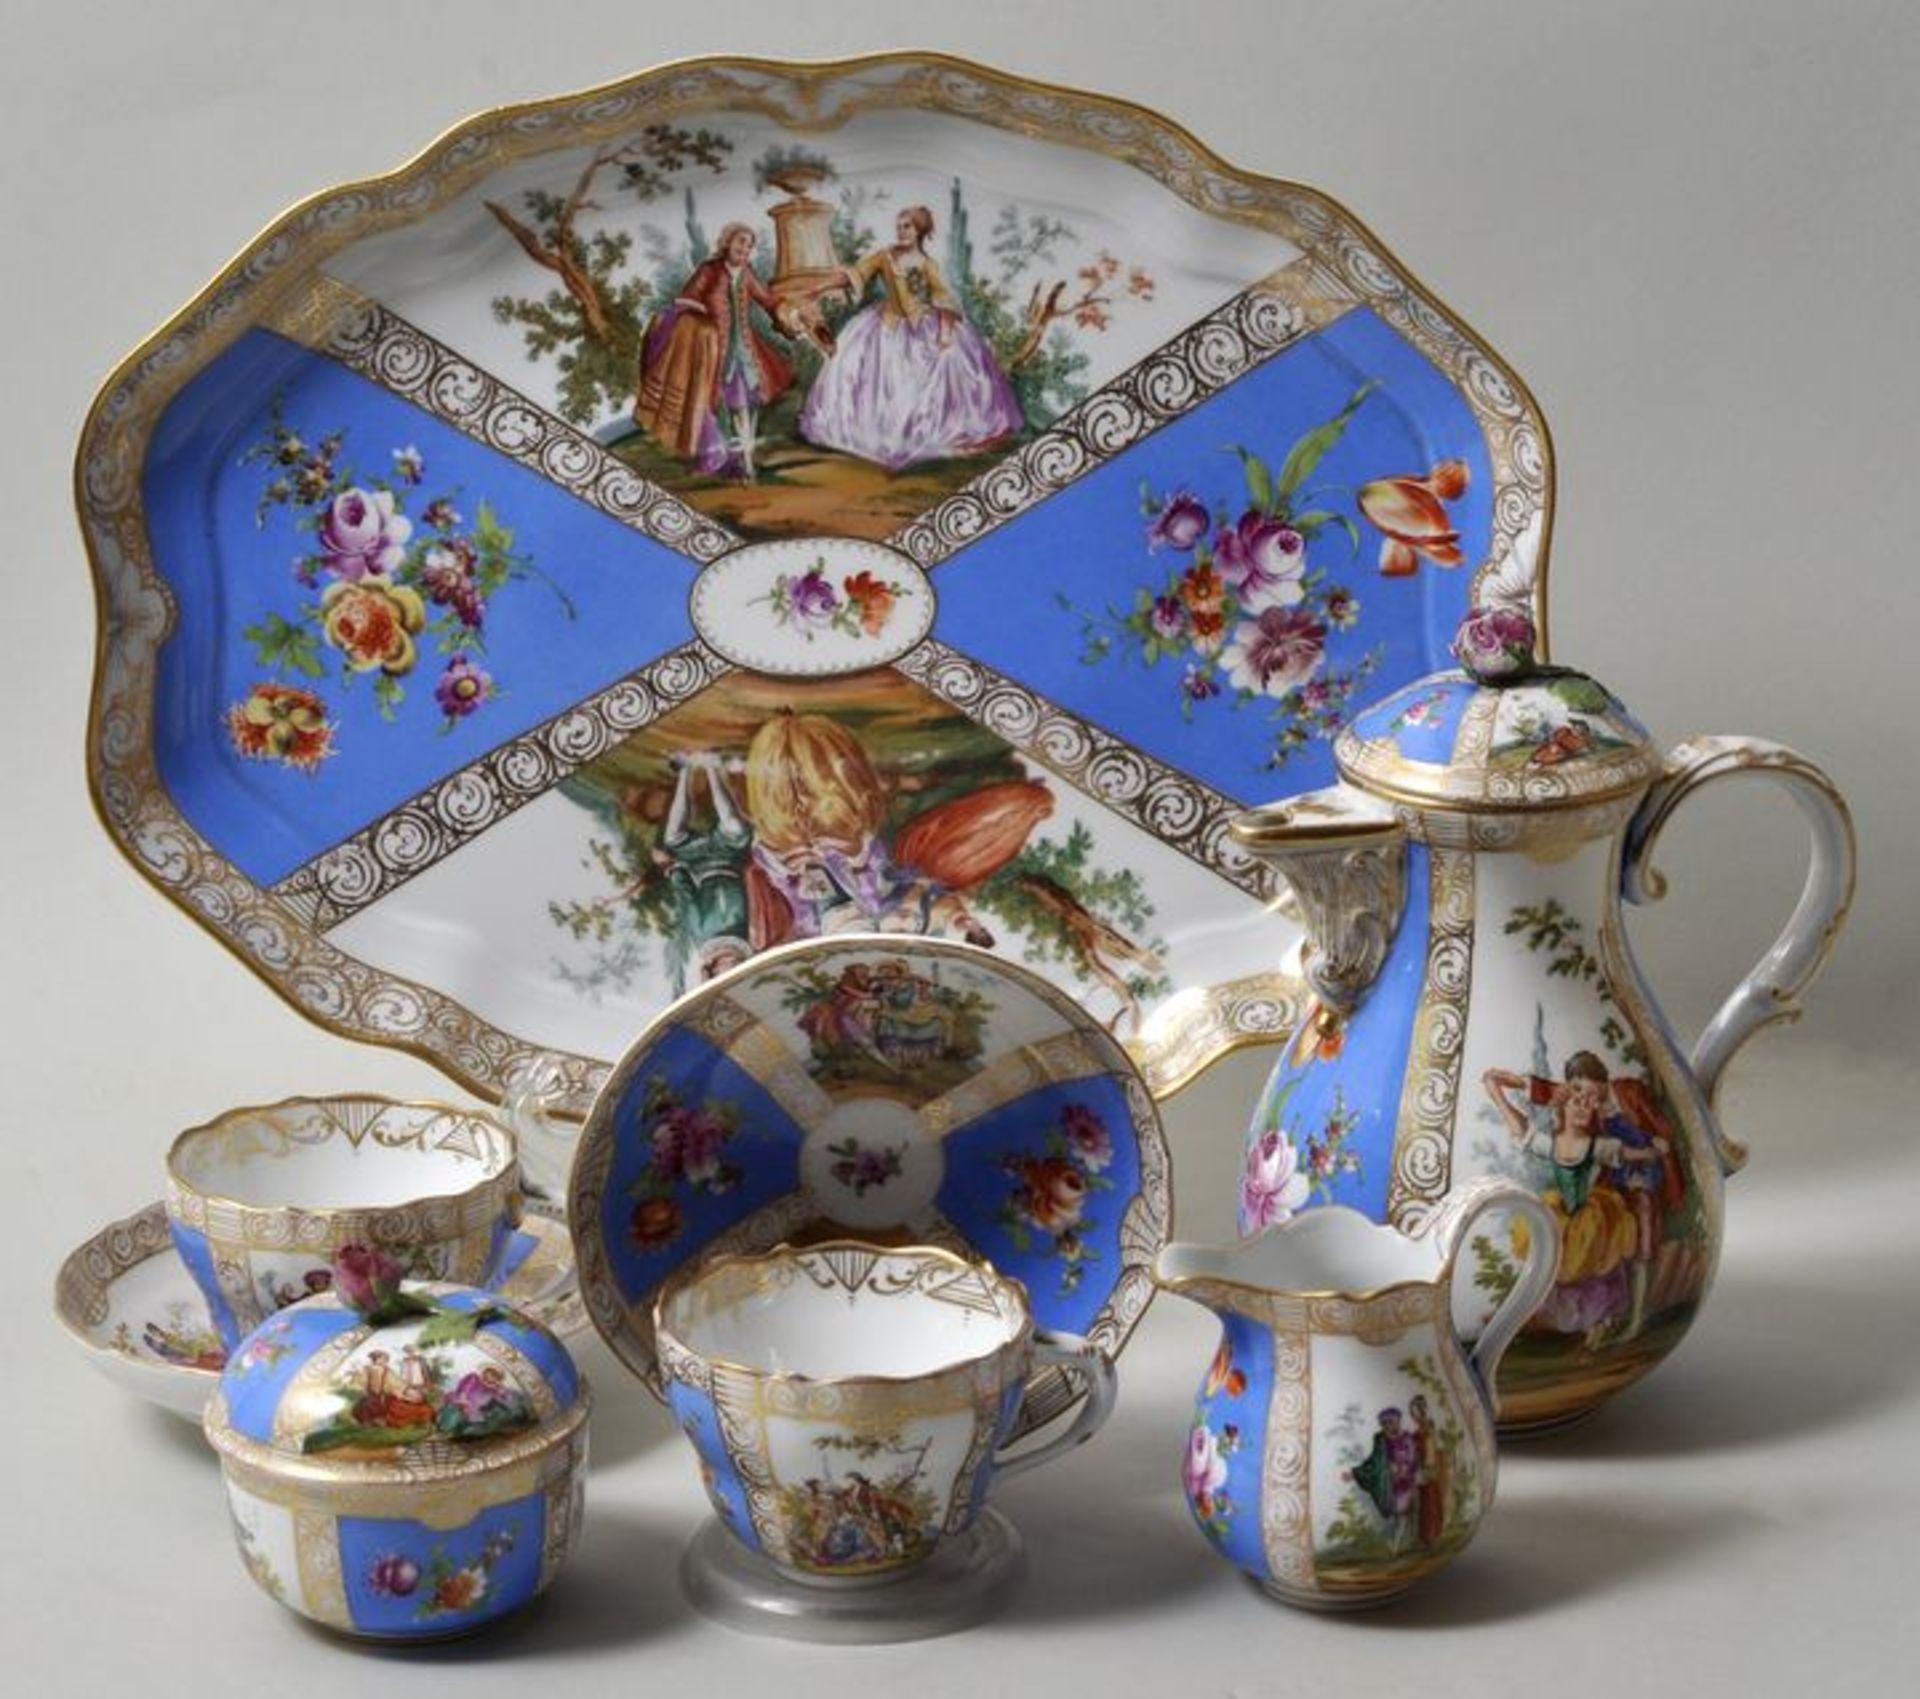 Dejeuner, Meissen, Bemalung Helena Wolfsohn, ca. 18608-teilig, bestehend aus Tablett mit zwei